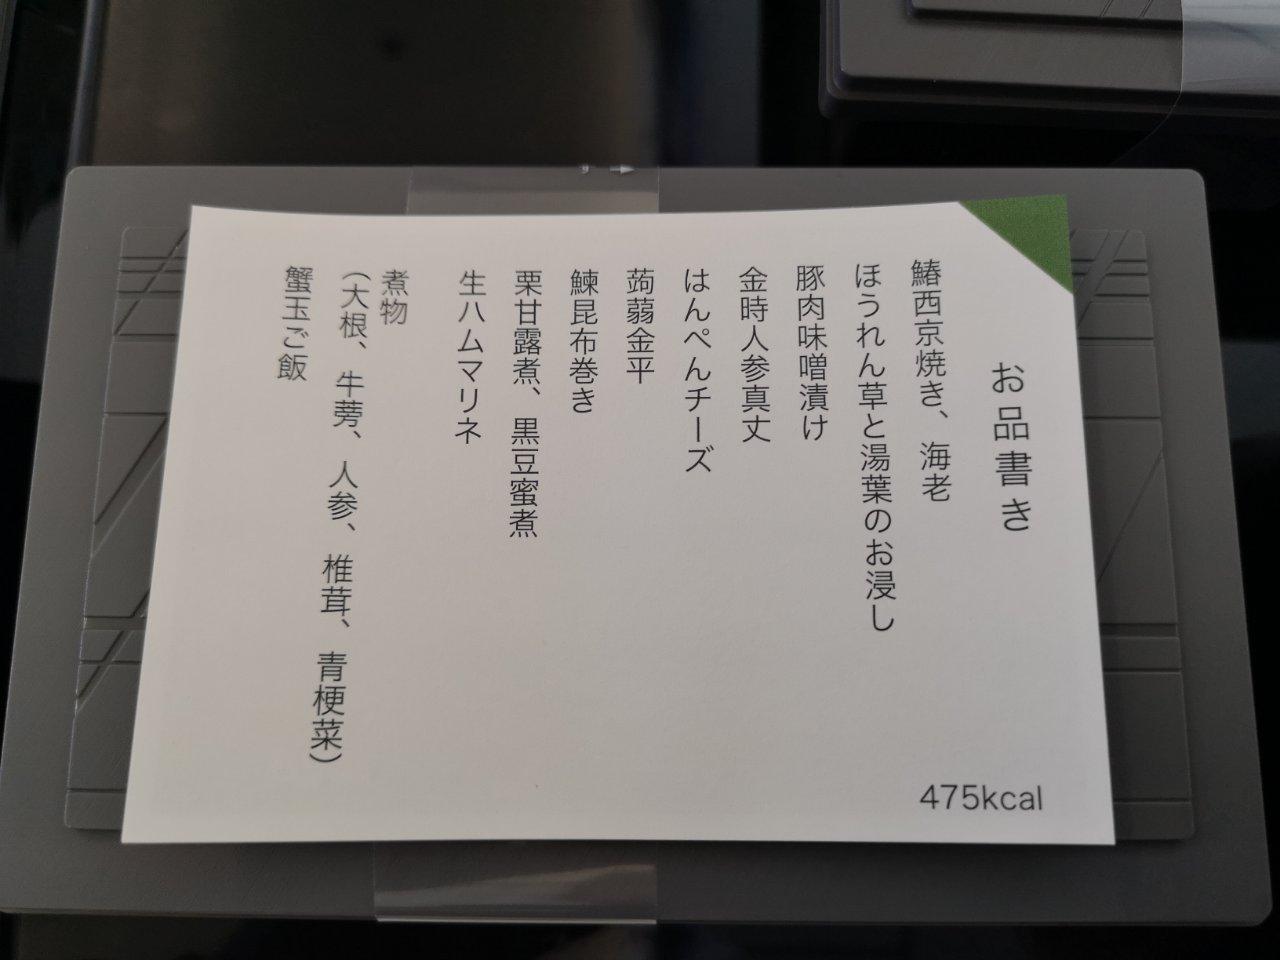 羽田石垣日帰りタッチ44